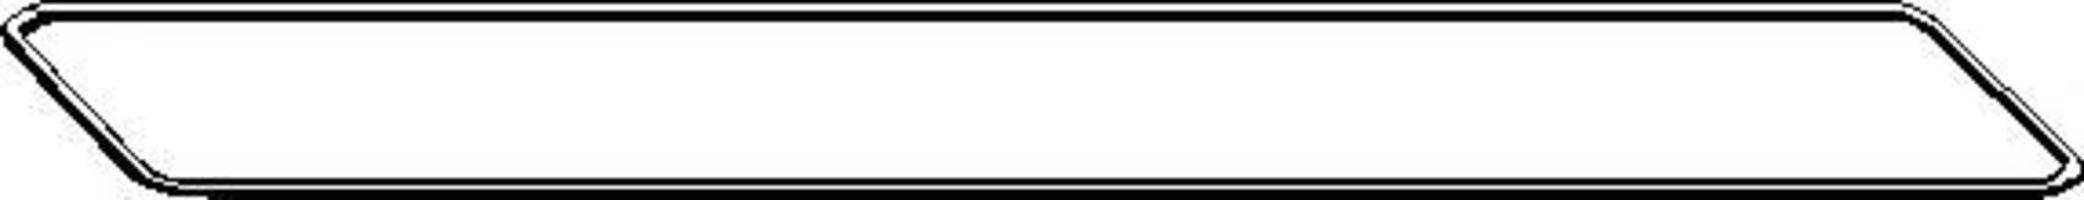 Прокладка клапанной крышки ELRING 351939